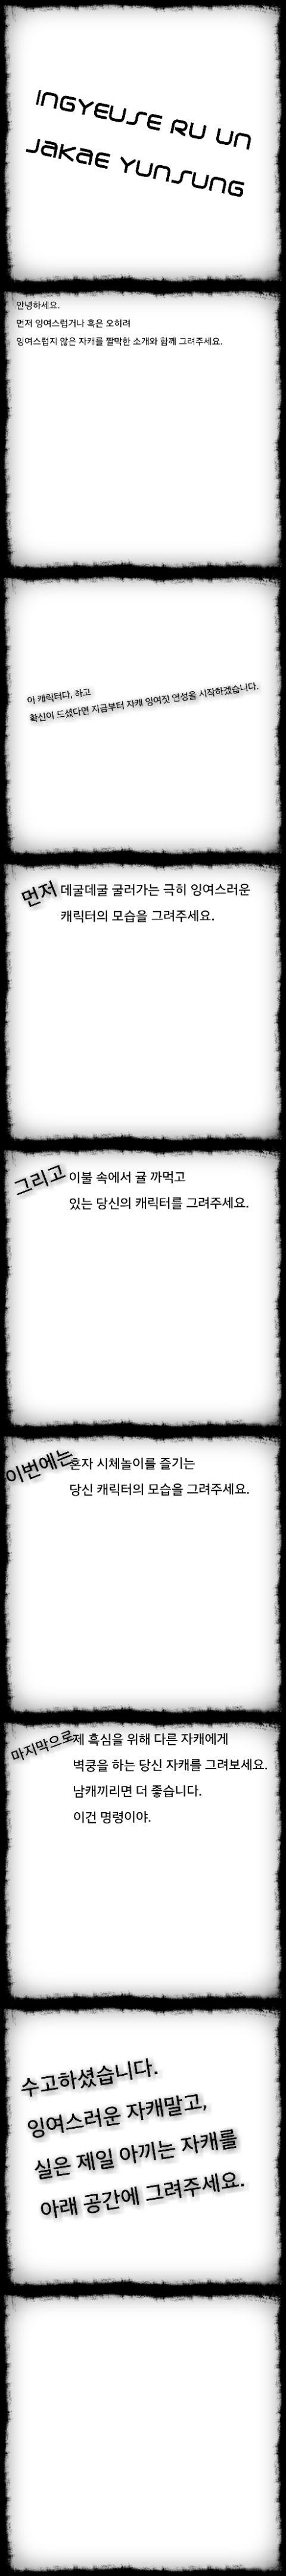 잉여 자캐 연성 이메레스